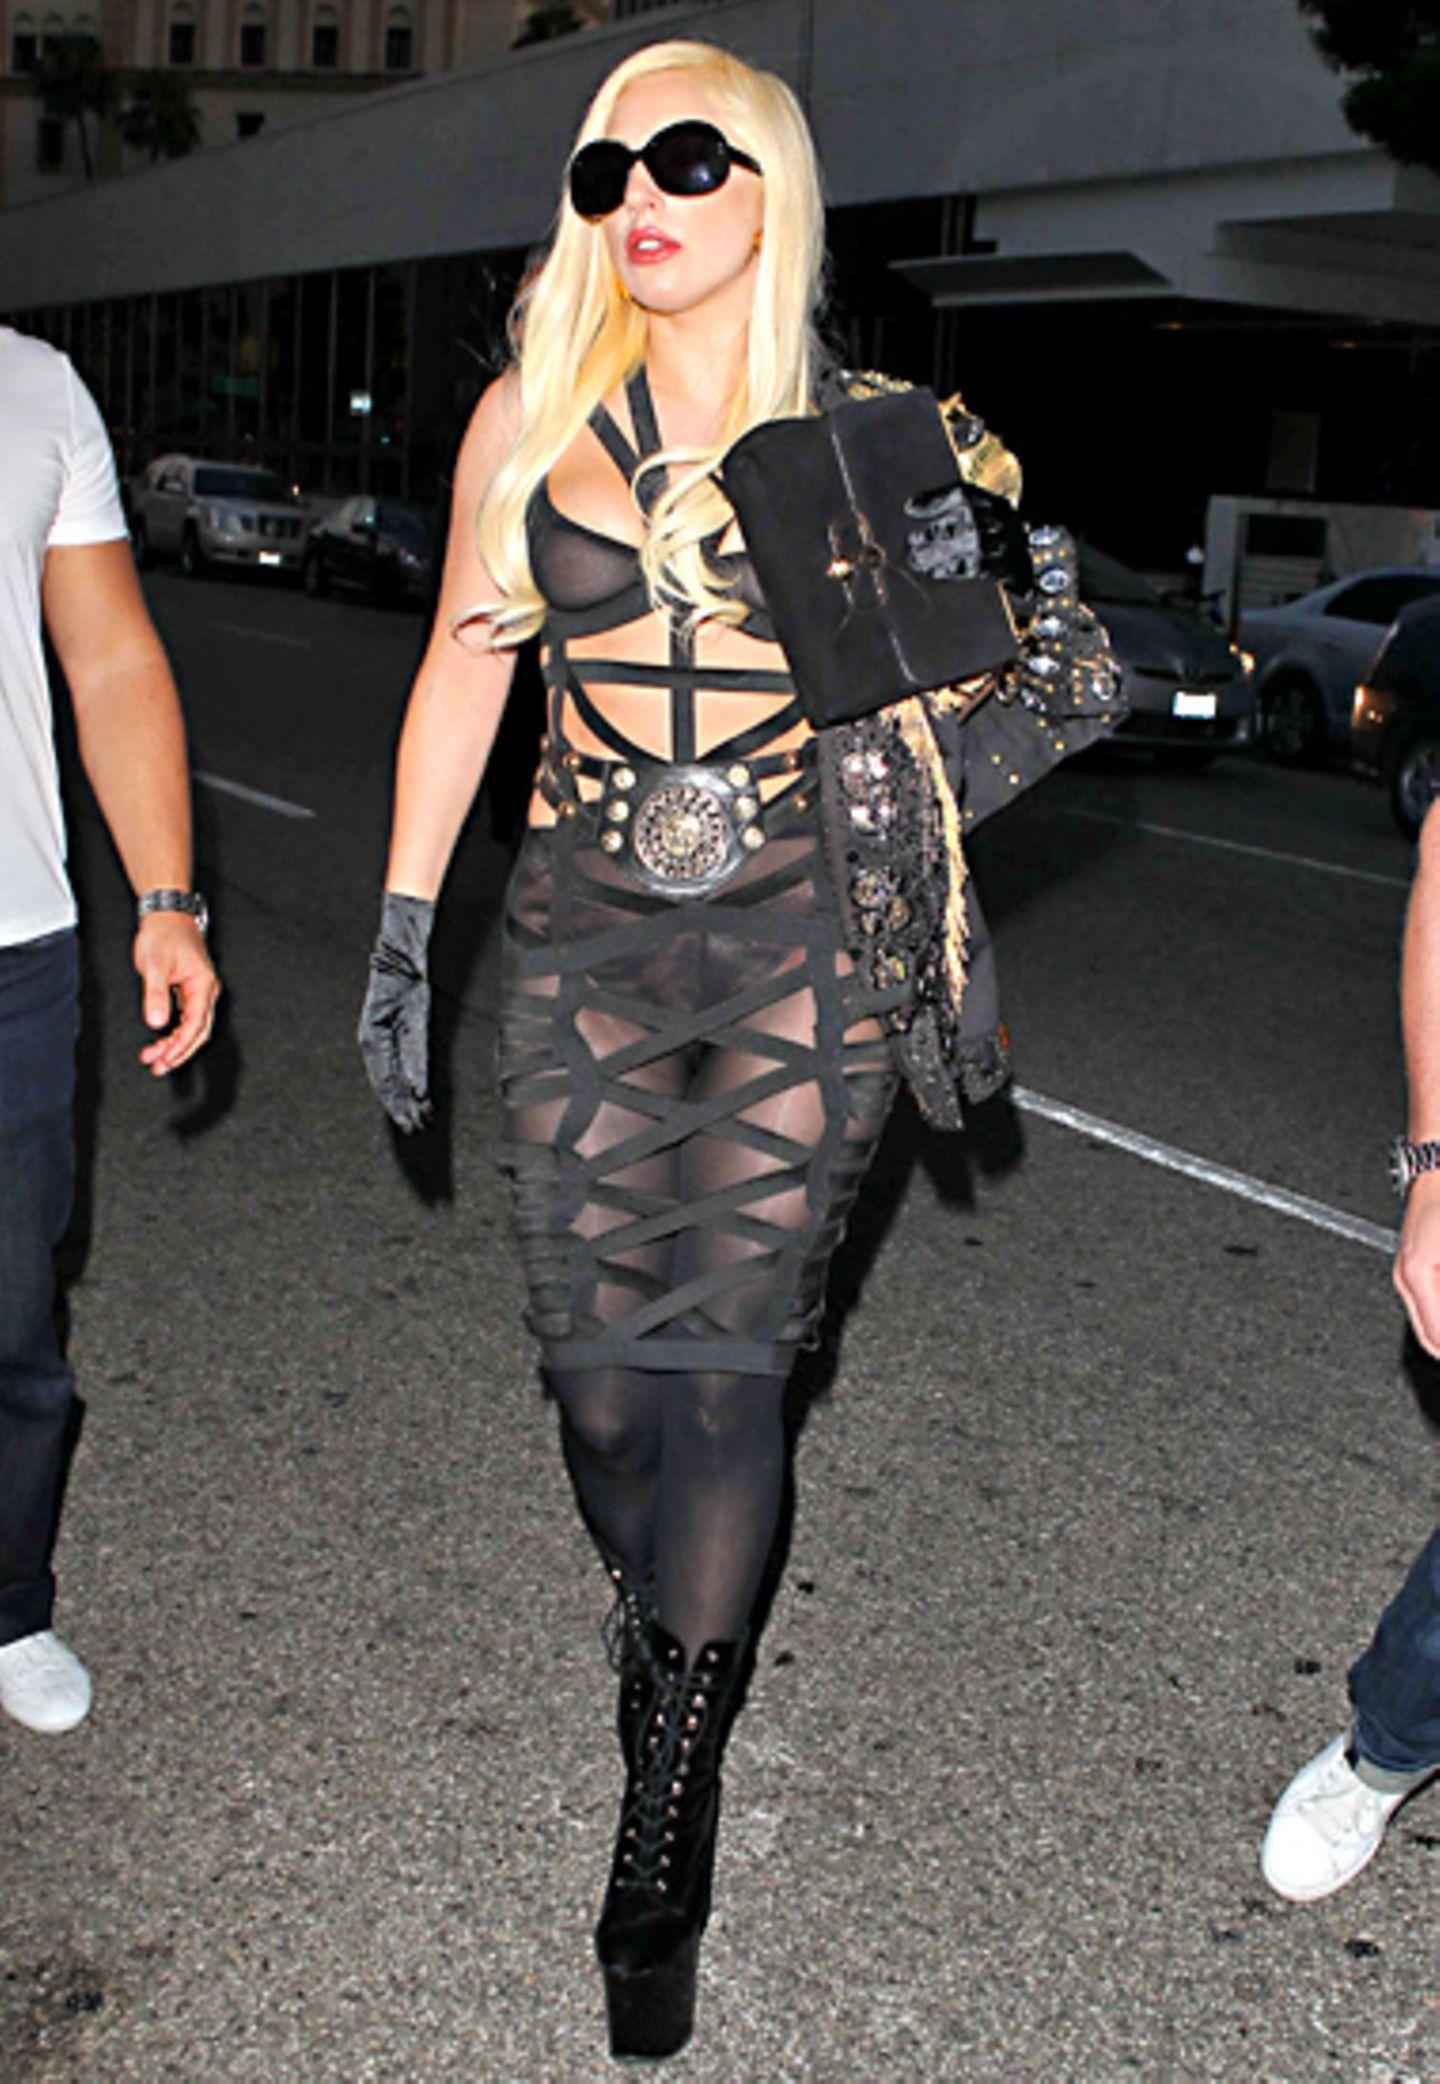 Gut verschnürt ist Lady GaGa in diesem offenherzigen Dress.